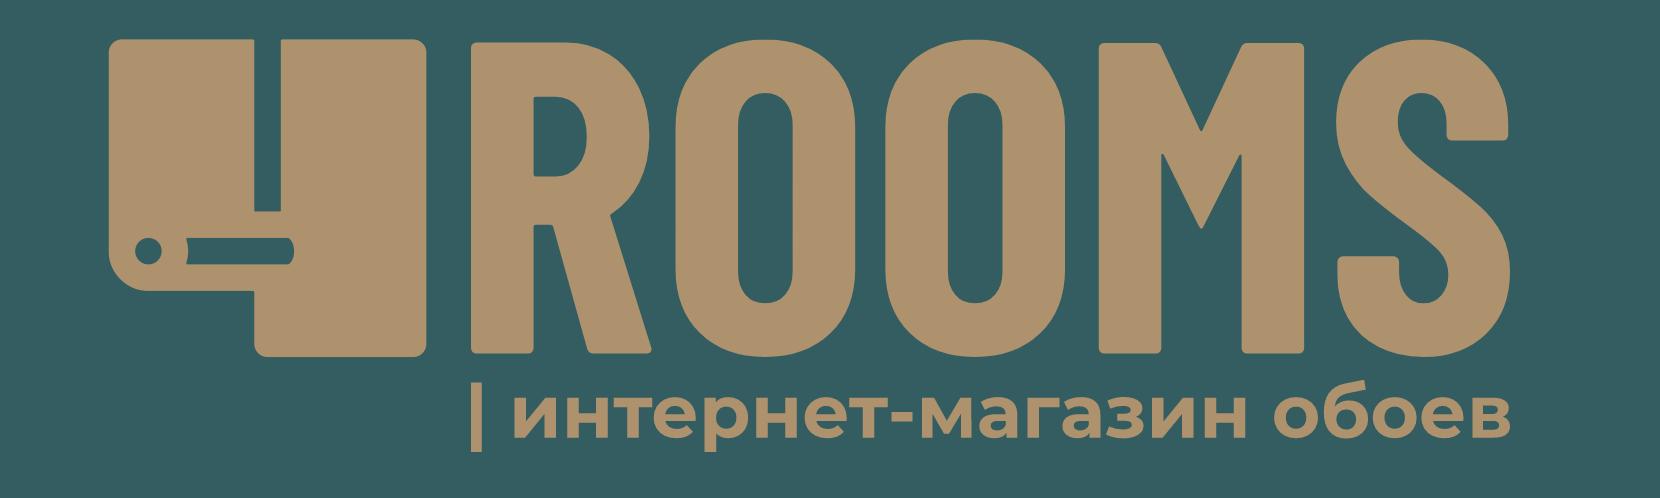 Купить обои в Украине — 4rooms.com.ua – Интернет-магазин обоев — доставка по Украине